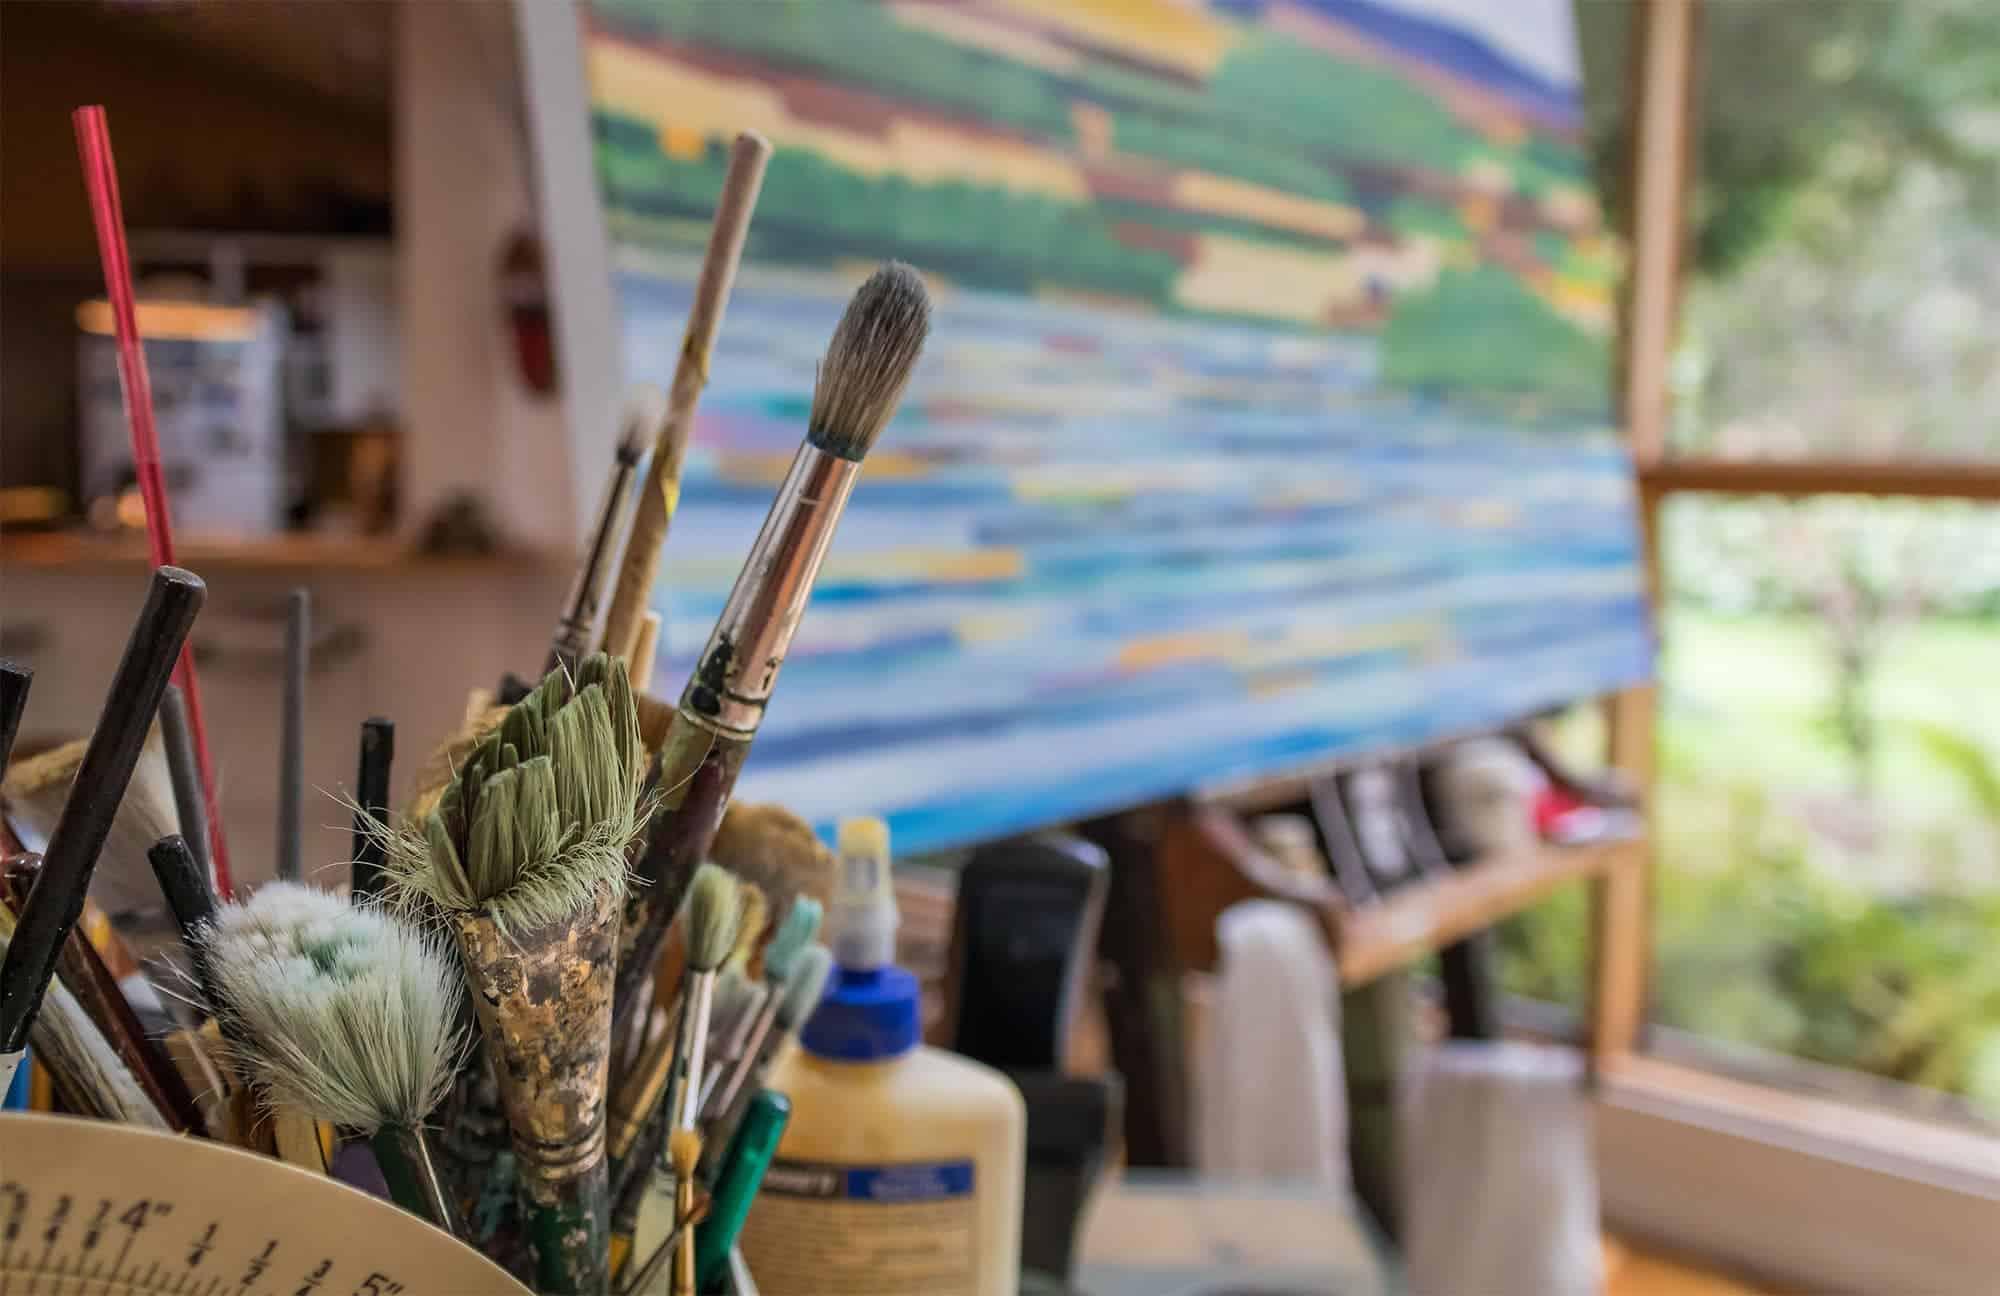 Acrylbilder kaufen oder Bilder malen lassen?